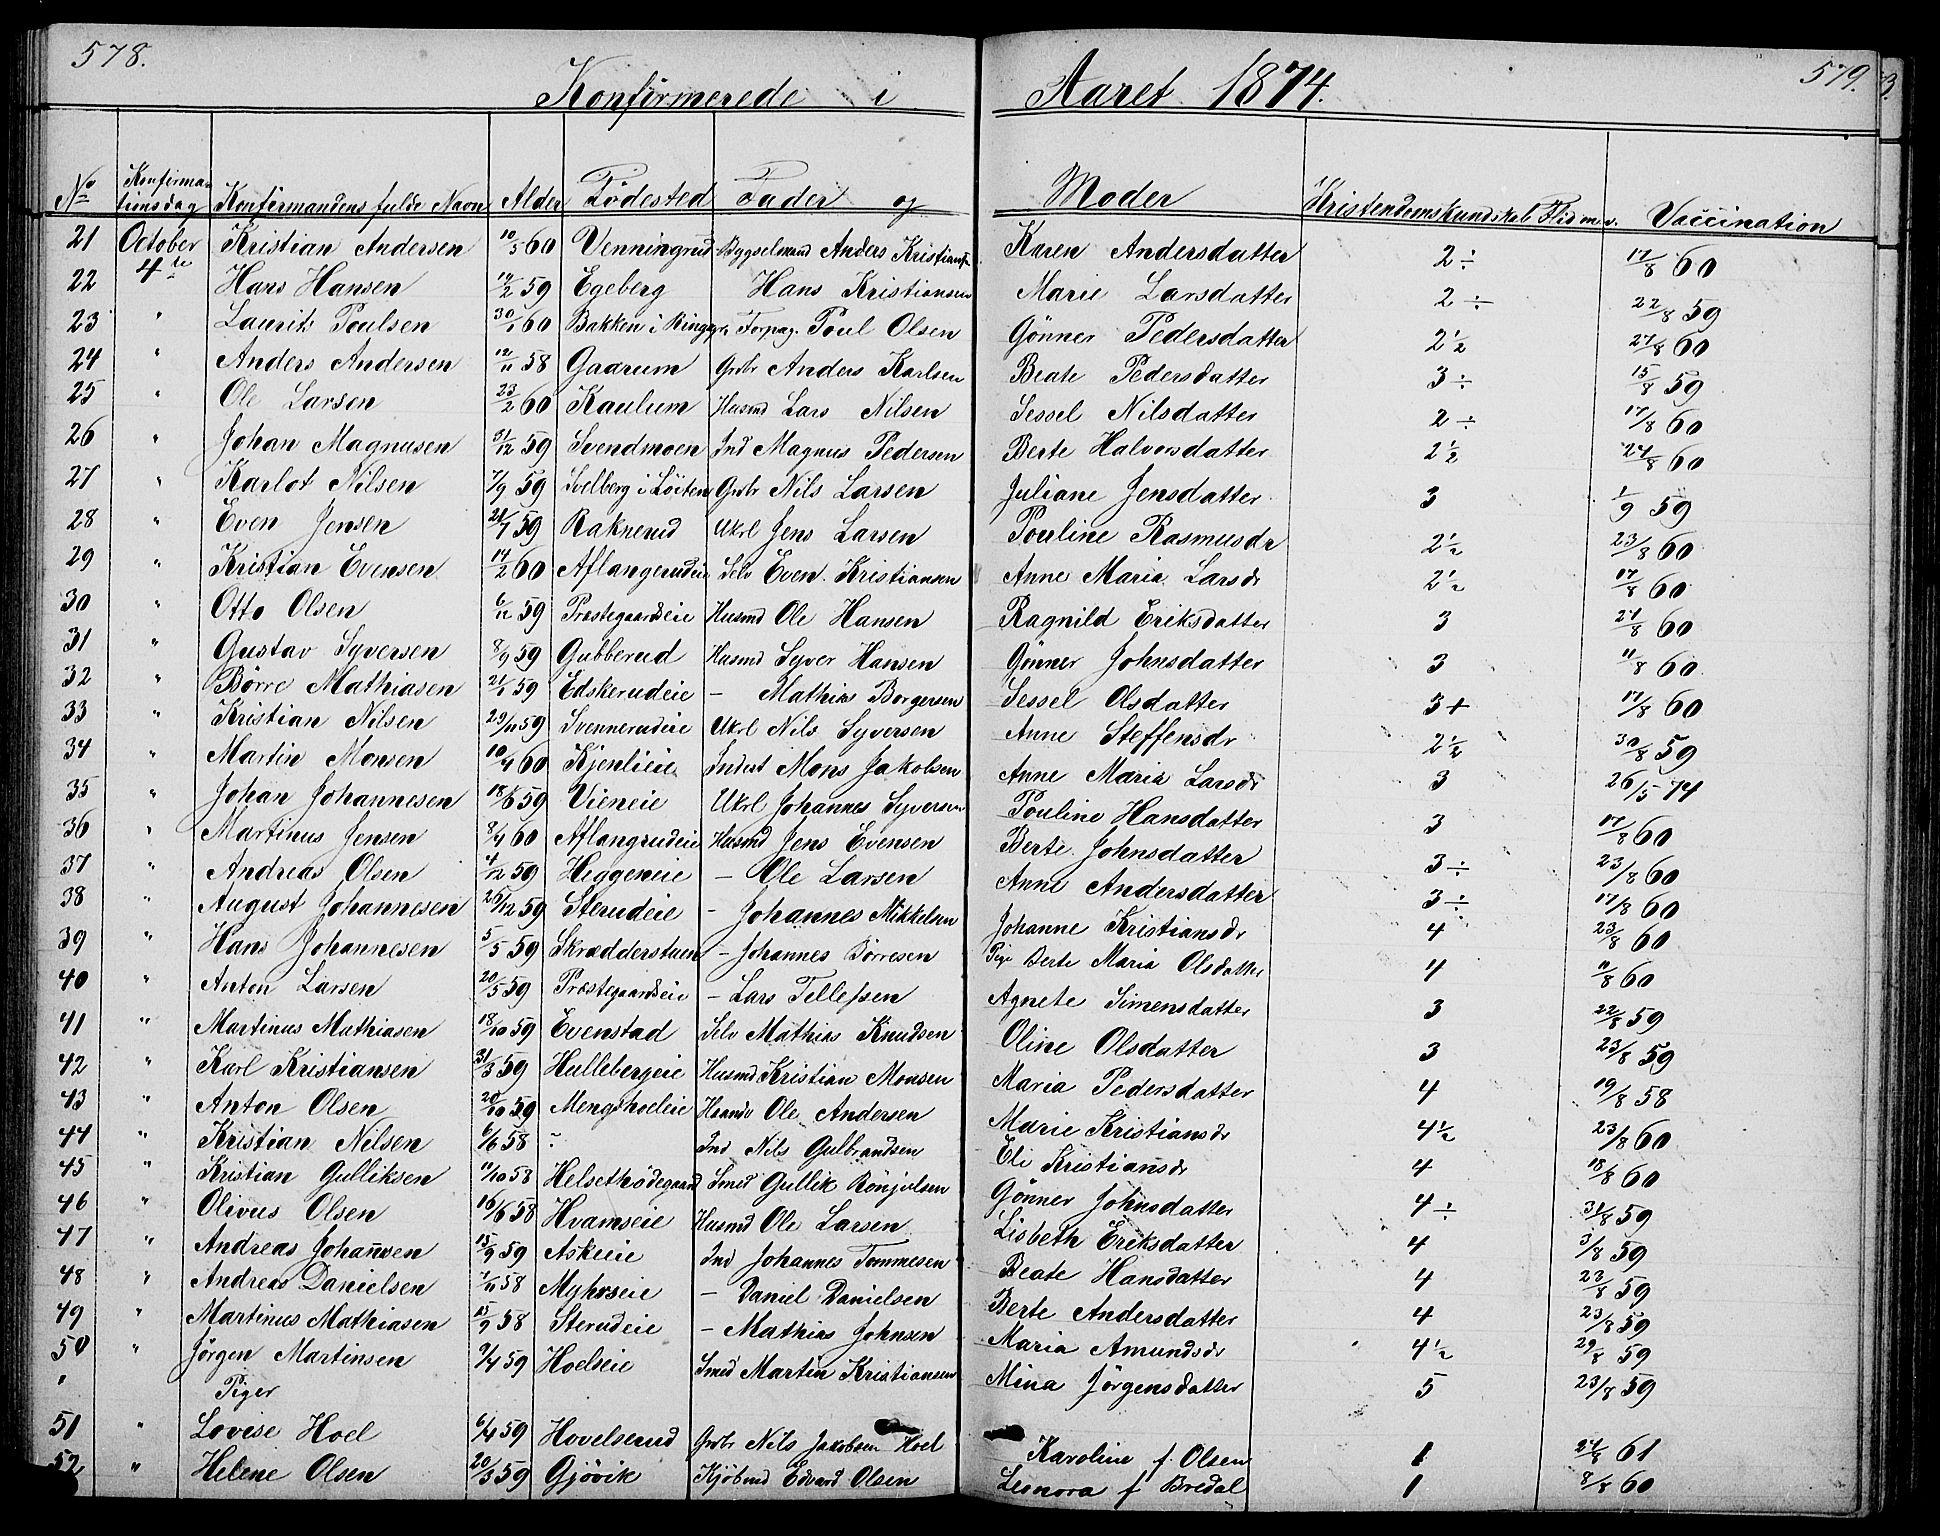 SAH, Nes prestekontor, L/La/L0005: Klokkerbok nr. 5, 1852-1889, s. 578-579